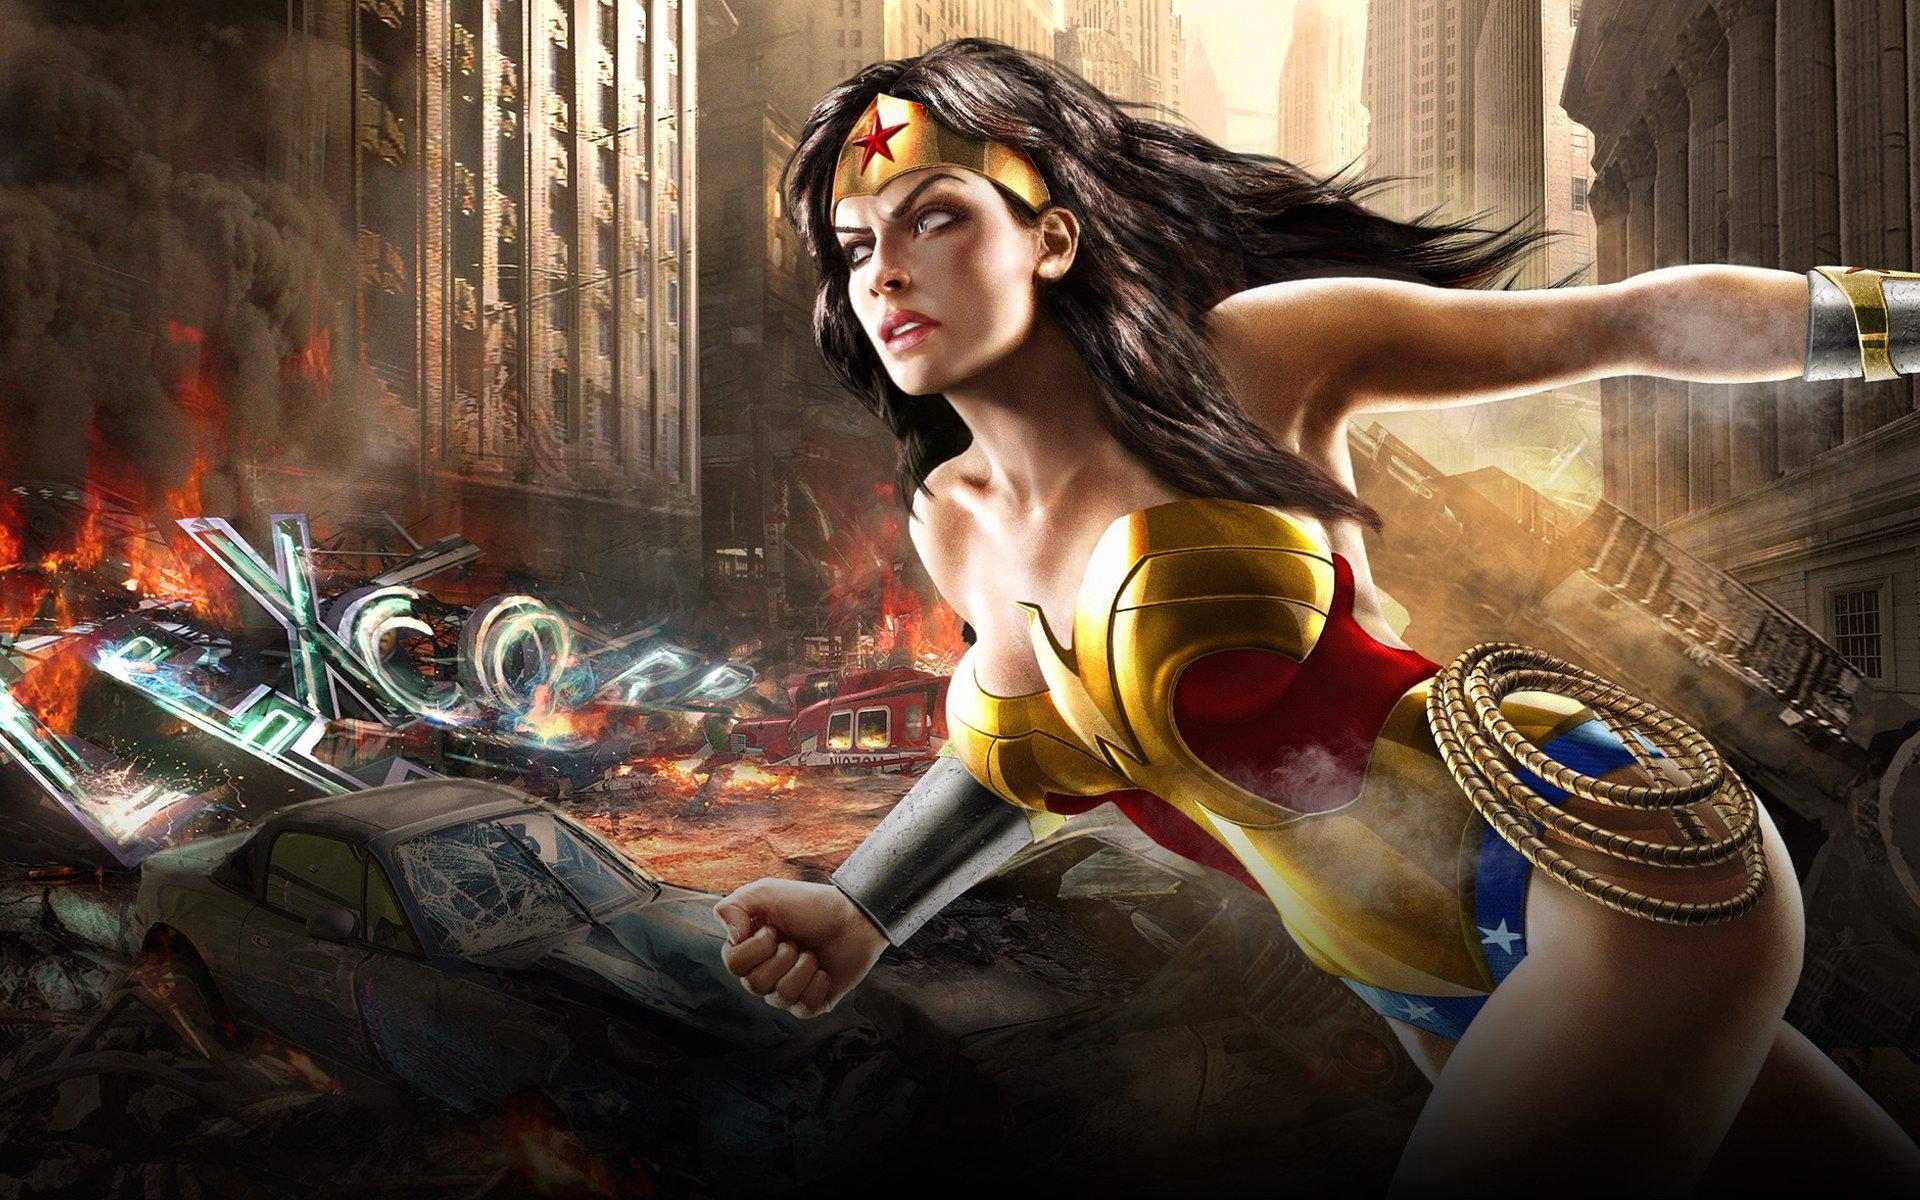 Hd wallpaper wonder woman - Wonder Woman 14386 Hd Wallpaper